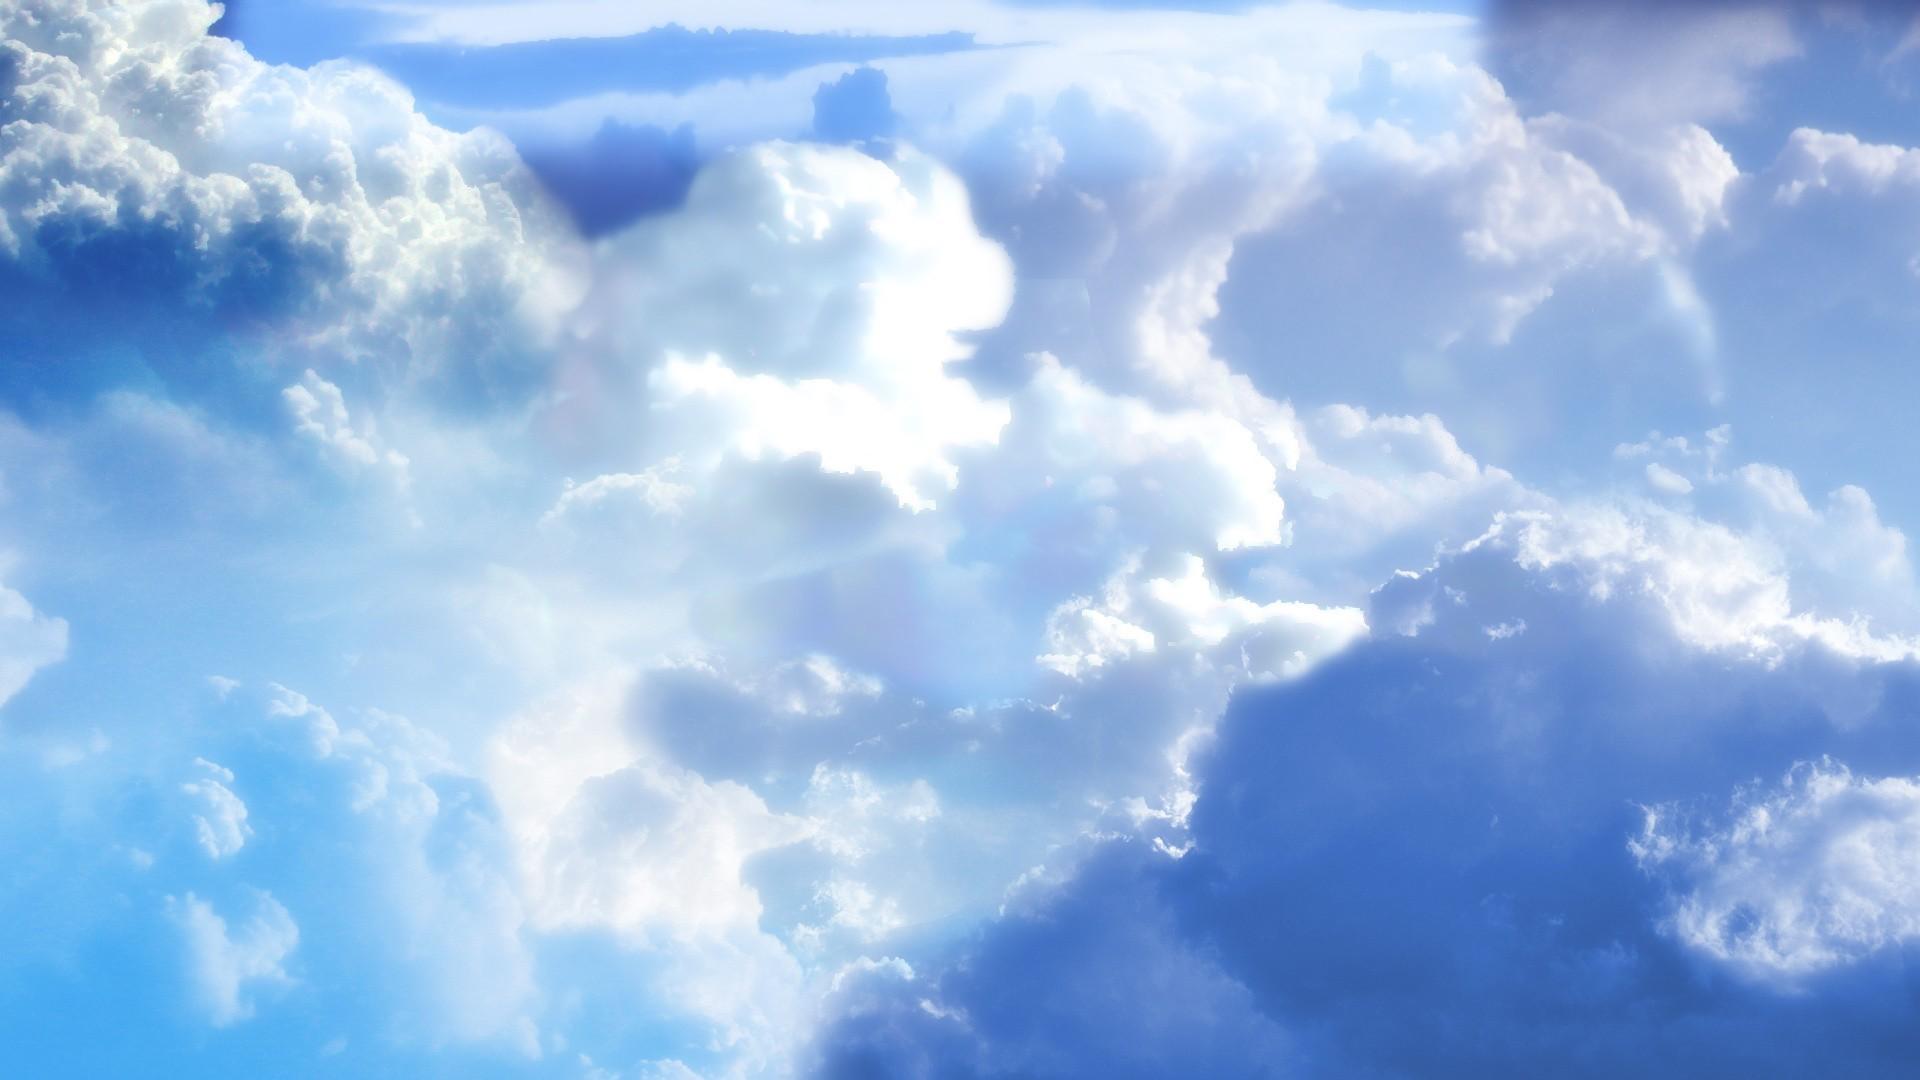 sky and clouds wallpaper wallpapersafari